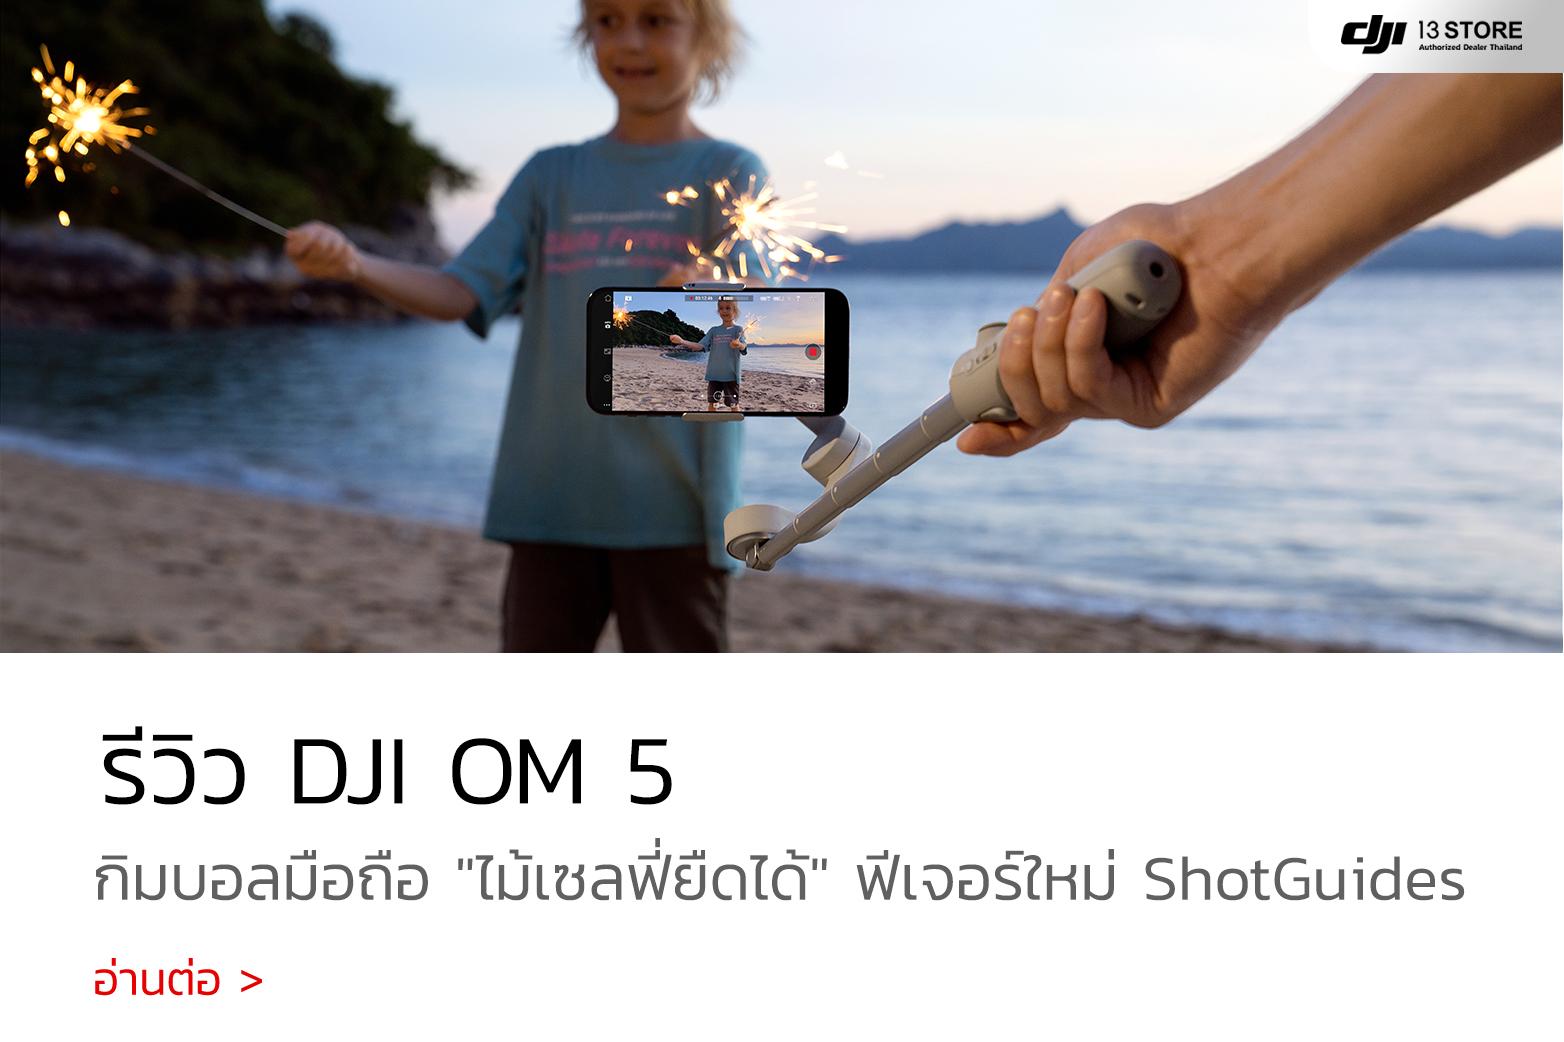 รีวิว DJI OM 5